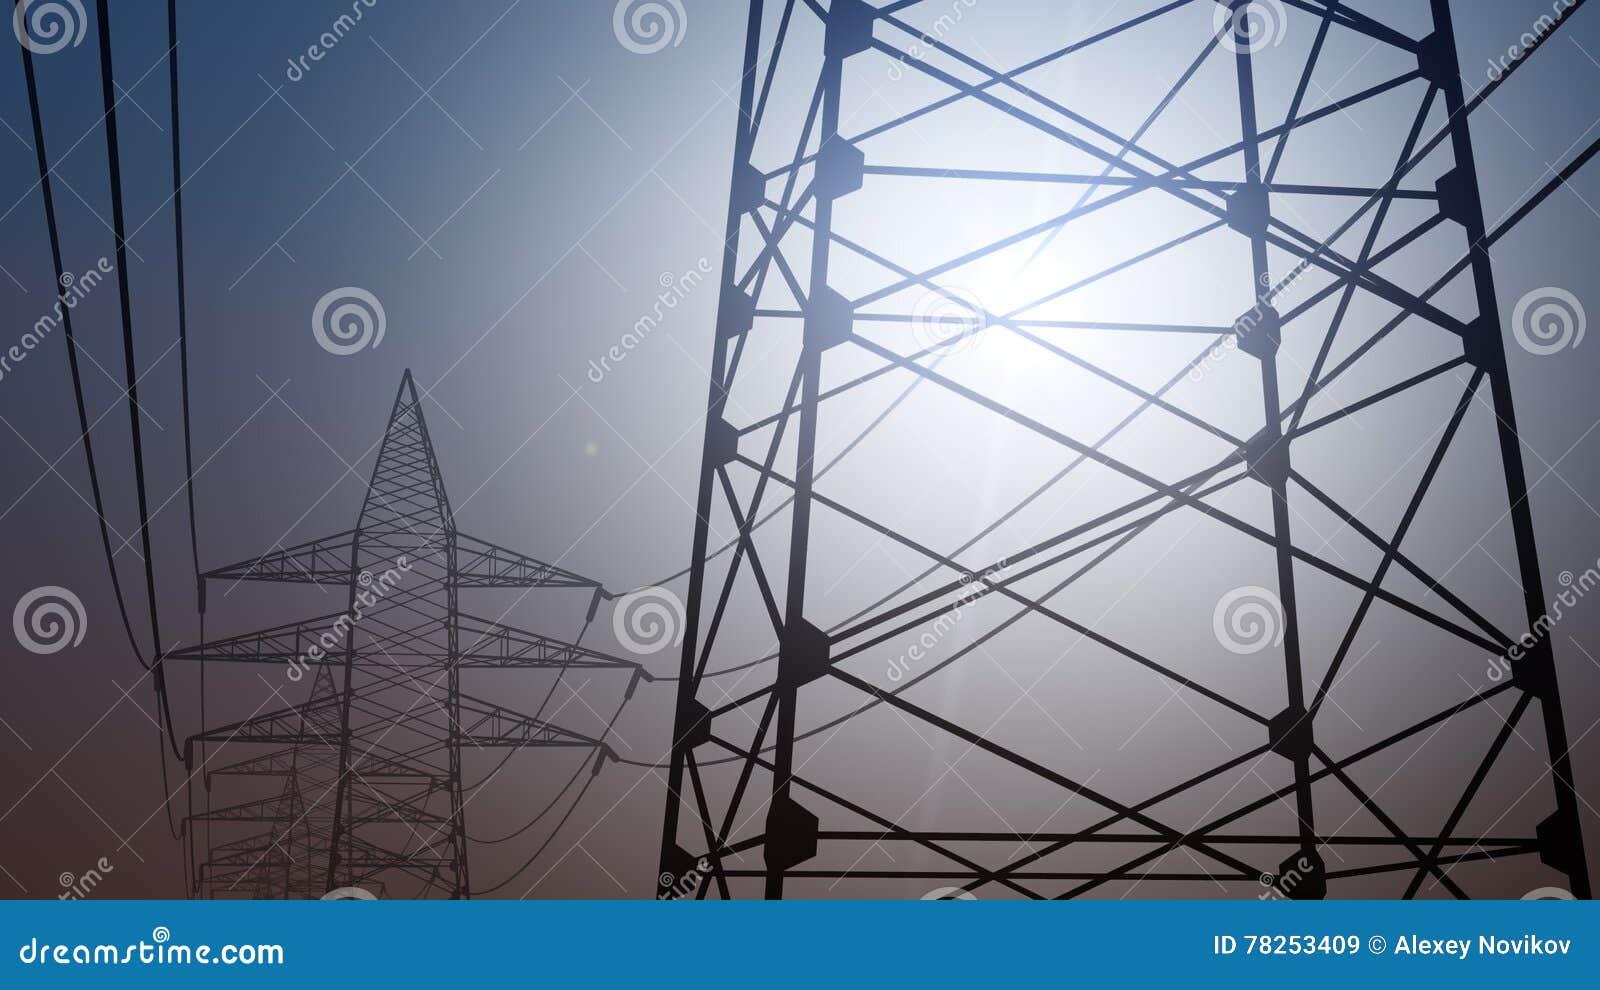 Πυλώνες και καλώδια δύναμης ενάντια στον ασυννέφιαστο ουρανό, τρισδιάστατη απόδοση